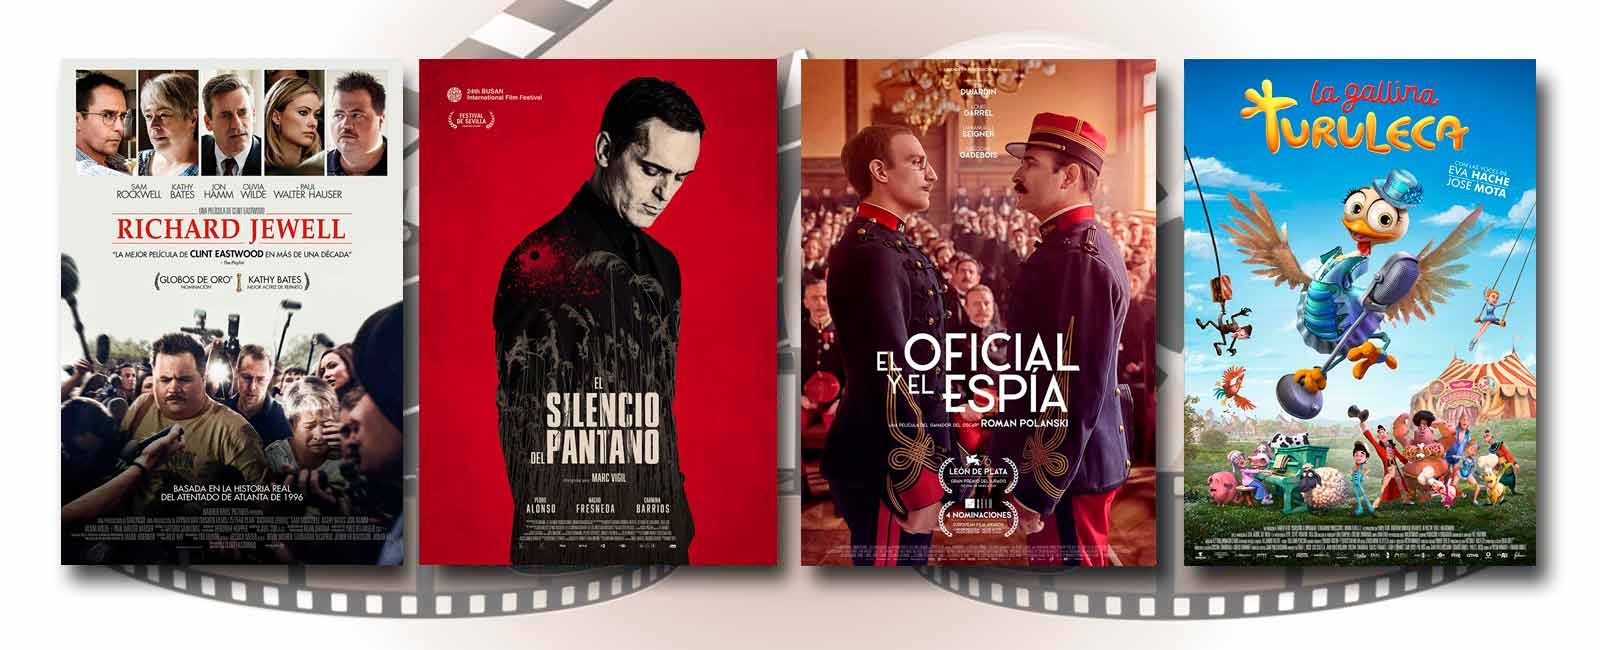 Estrenos de Cine de la Semana… 3 de Enero 2020